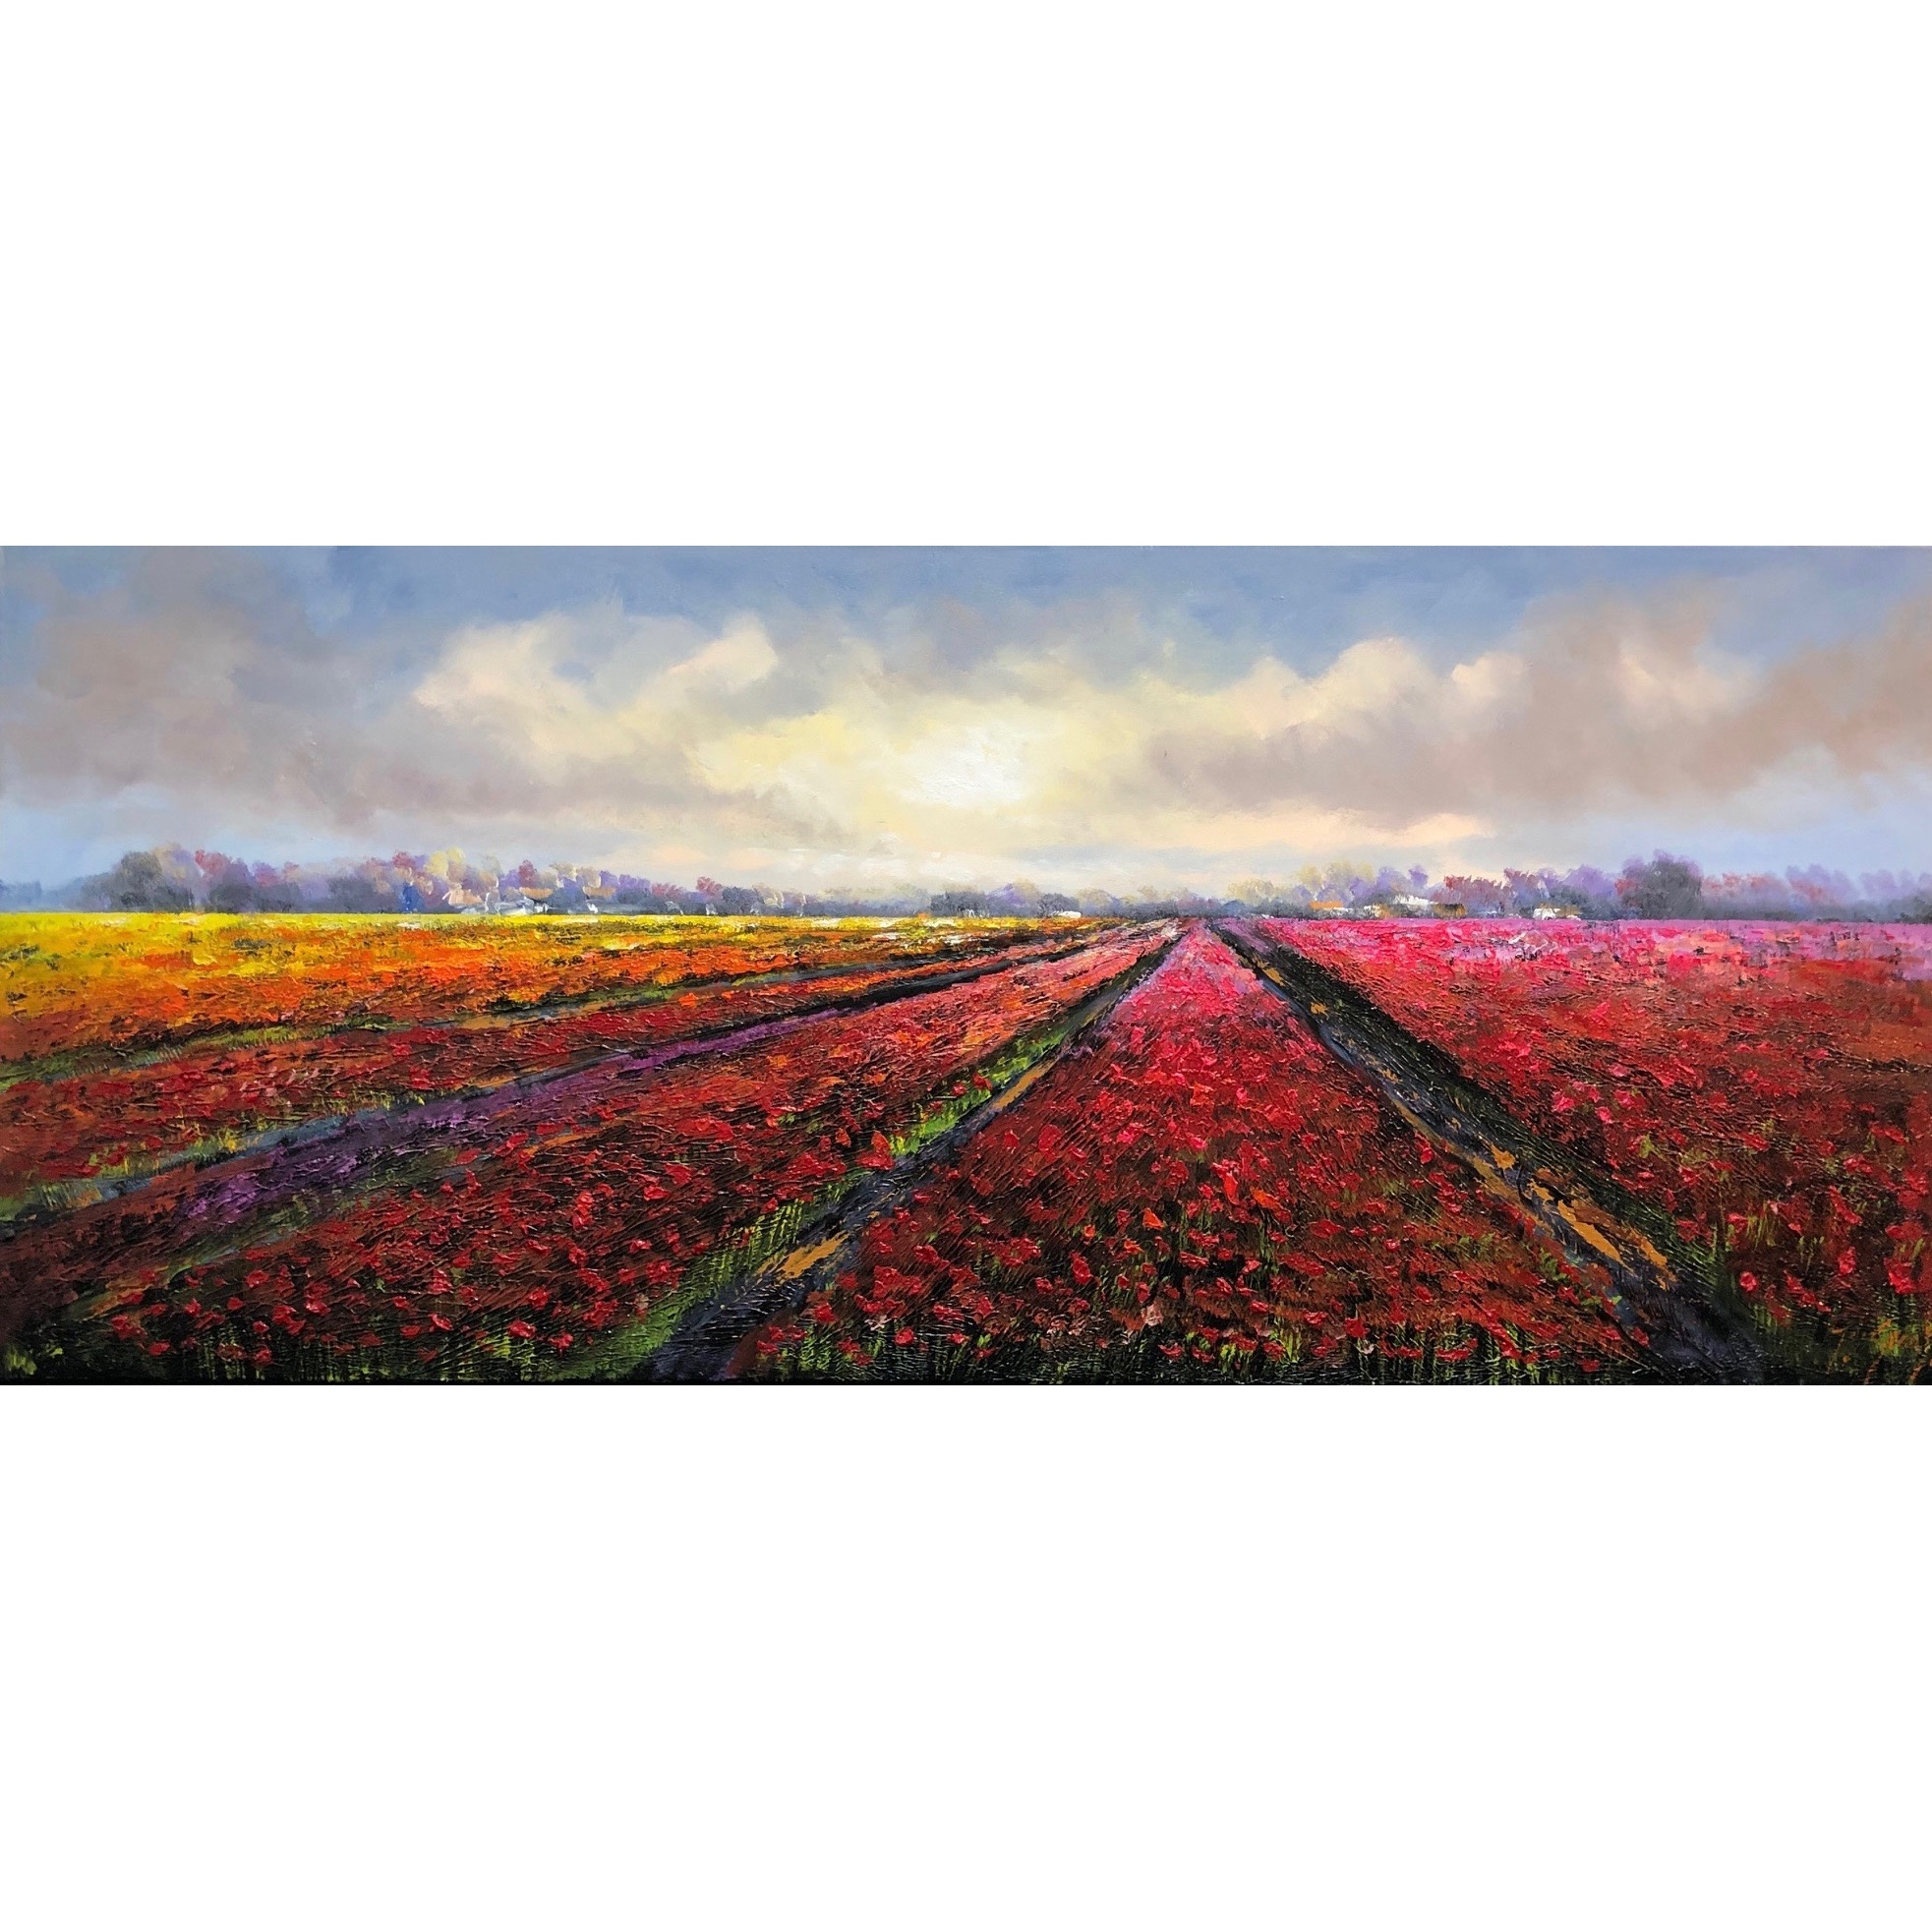 Jochem de Graaf schilderij 'Bollenvelden II'